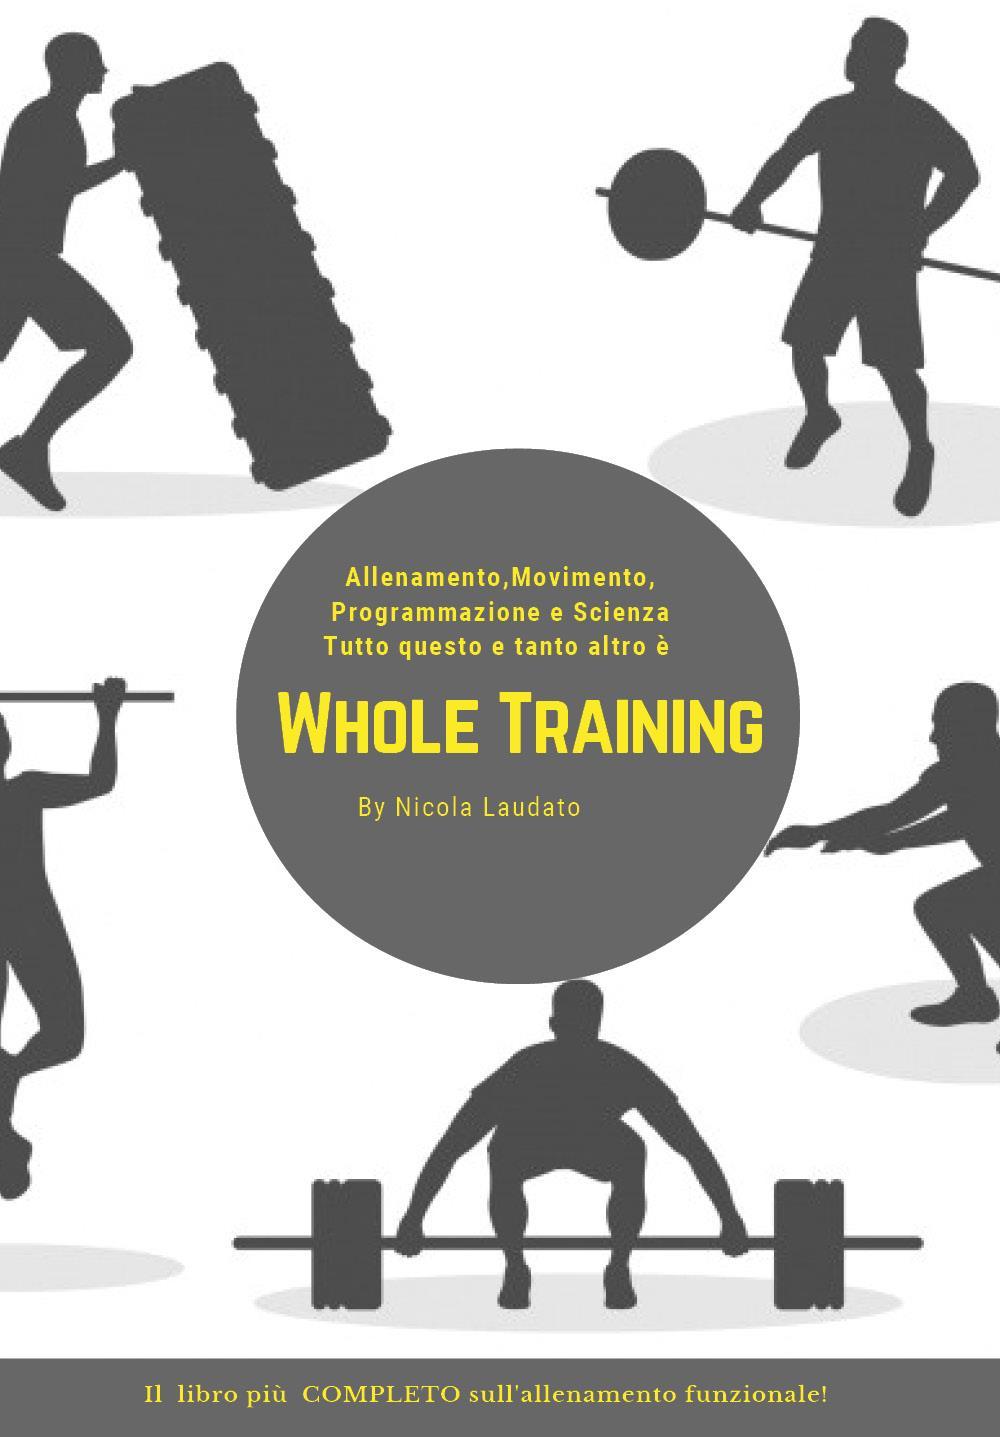 Whole Training Il libro più COMPLETO sull'allenamento funzionale!